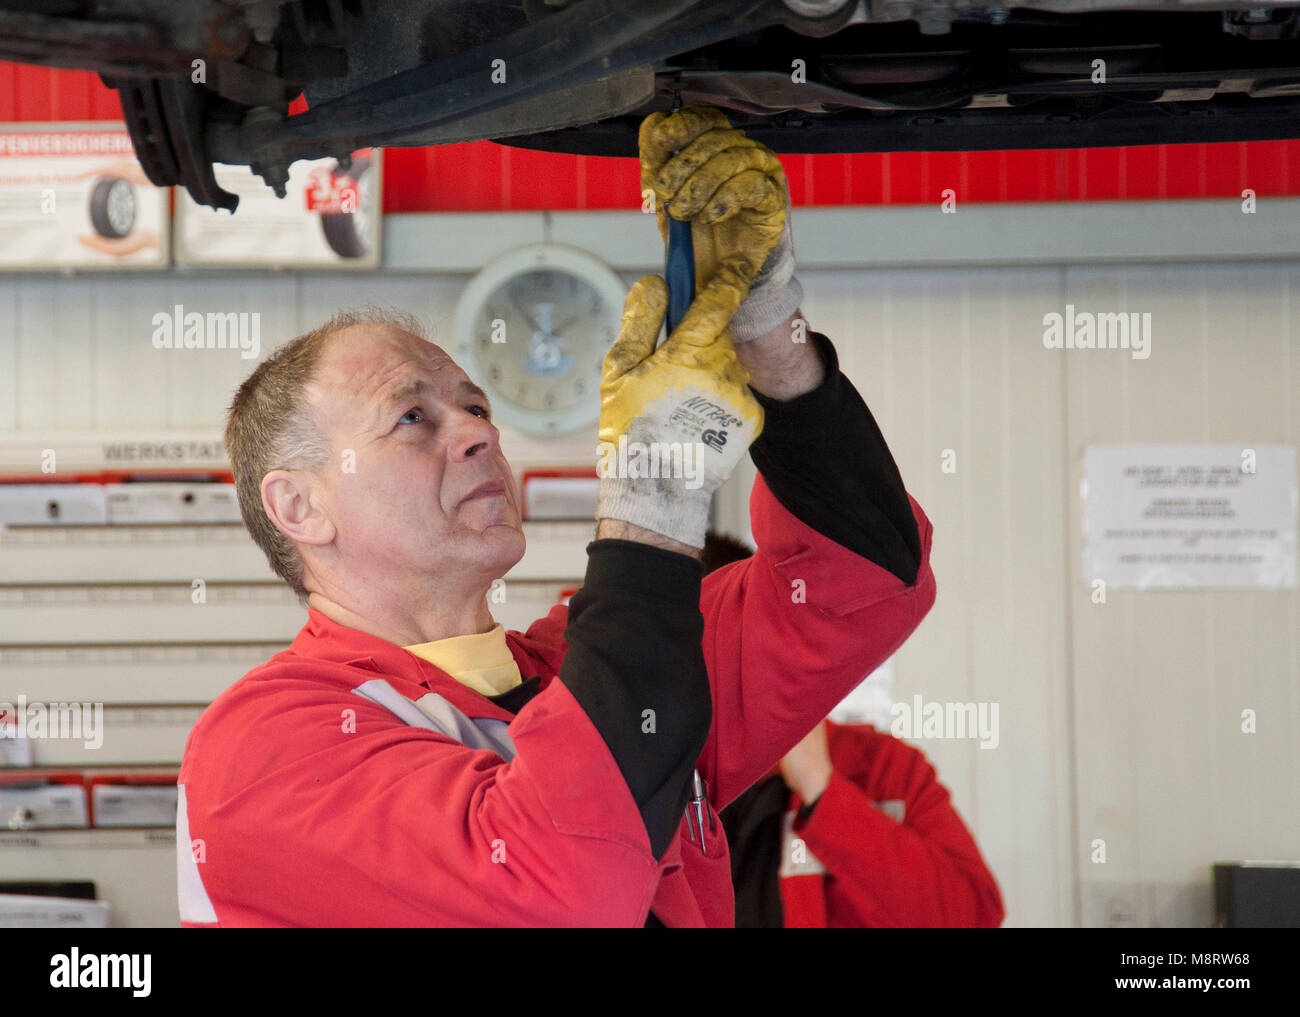 ATU. Mechaniker im Einsatzt. Mechaniker im Einsatz Stock Photo